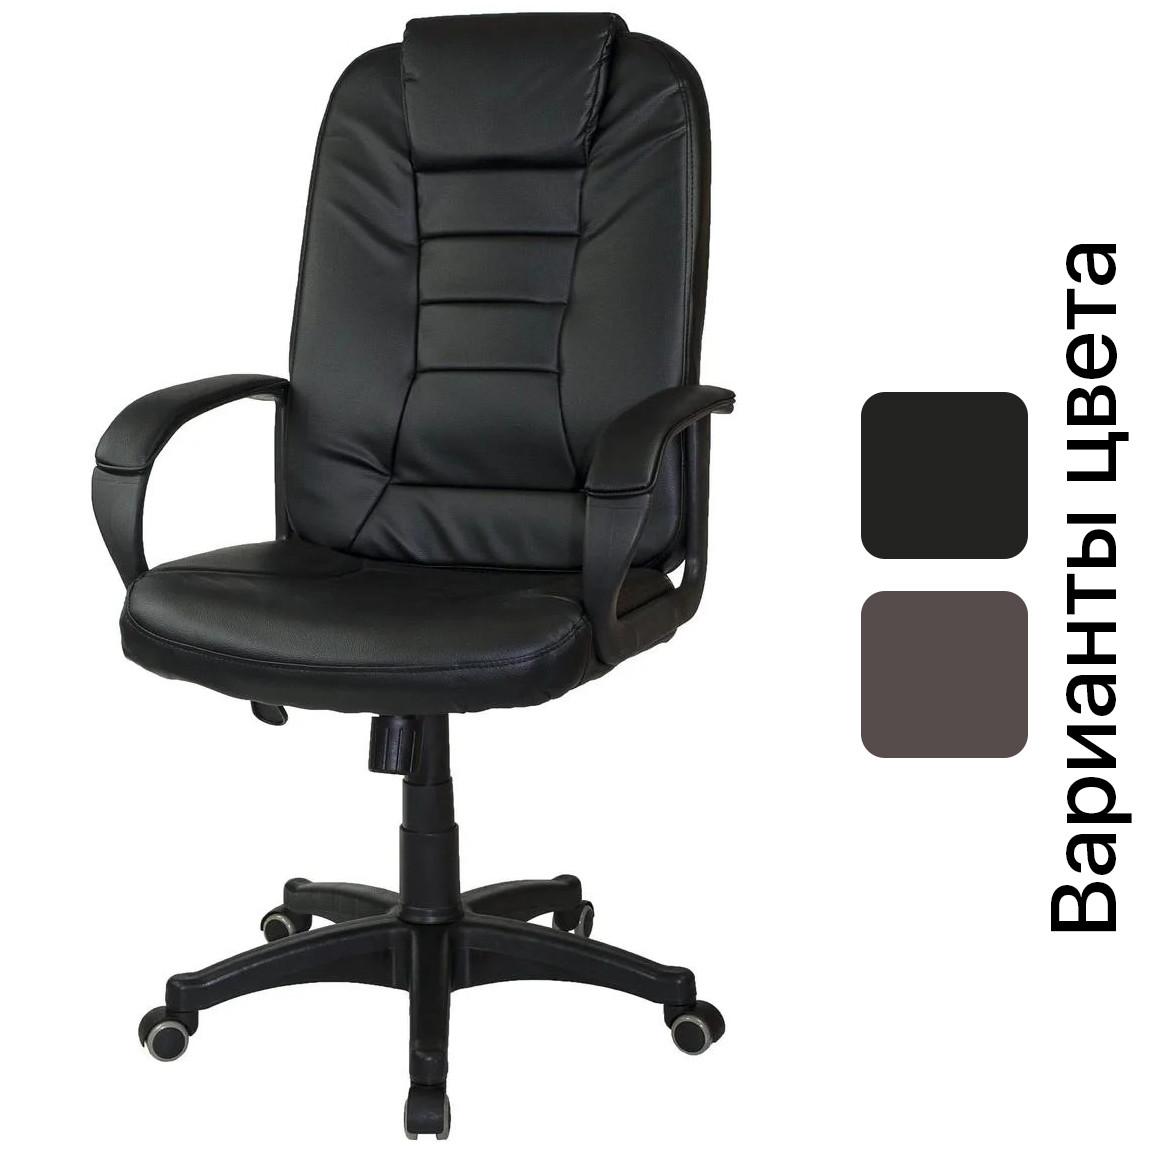 Офисное компьютерное кресло PS74 TILT для офиса, дома